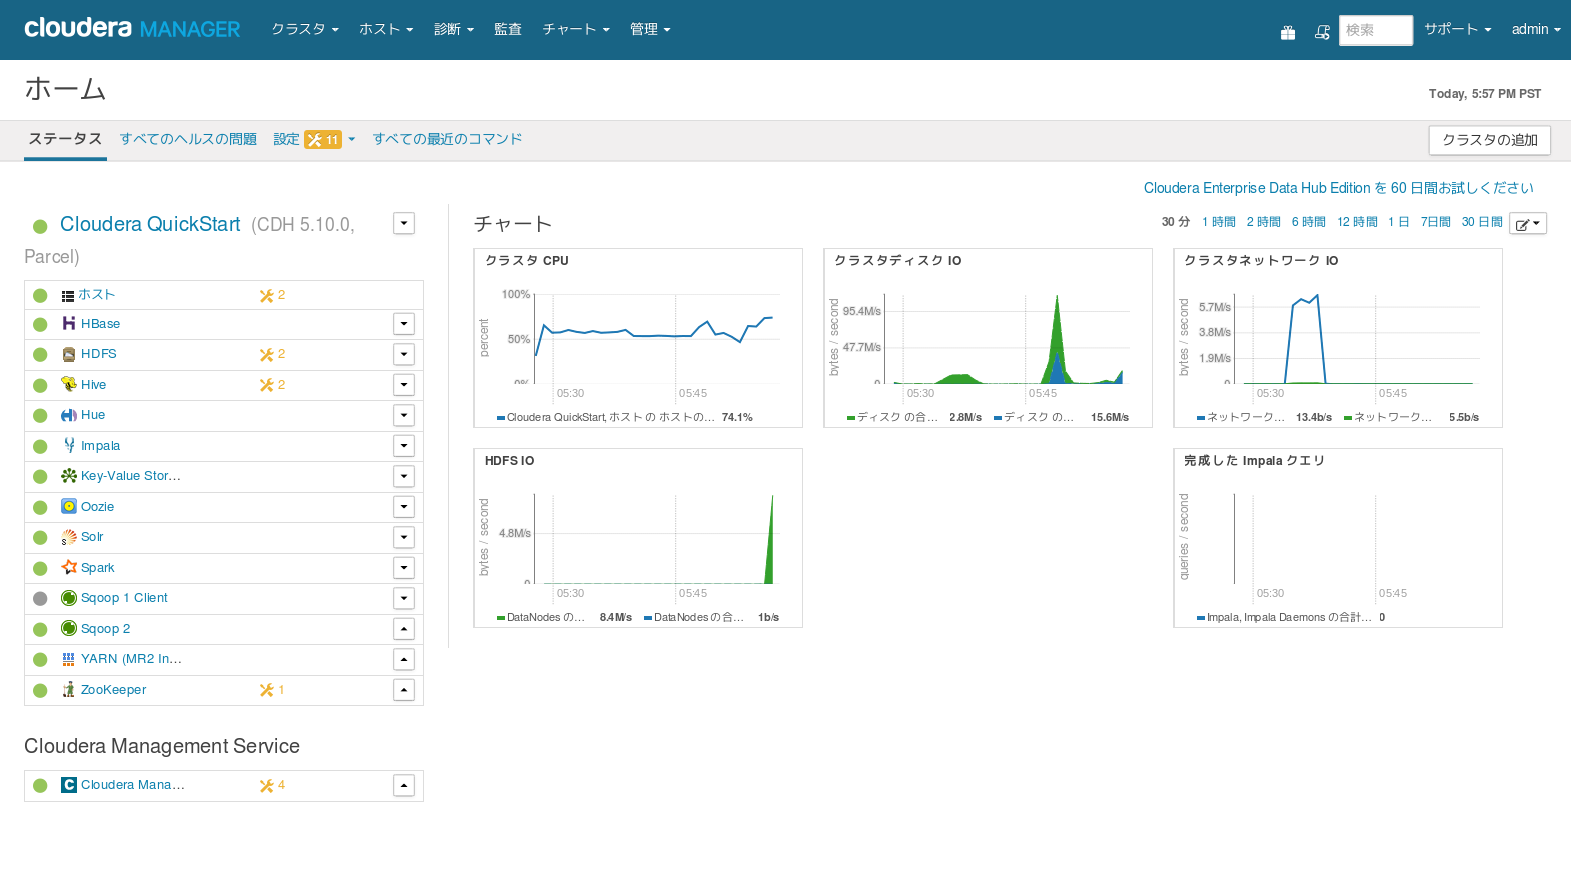 FireShot Capture 035 - ホーム - Cloudera Manager - http___quickstart.cloudera_7180_cmf_home.png